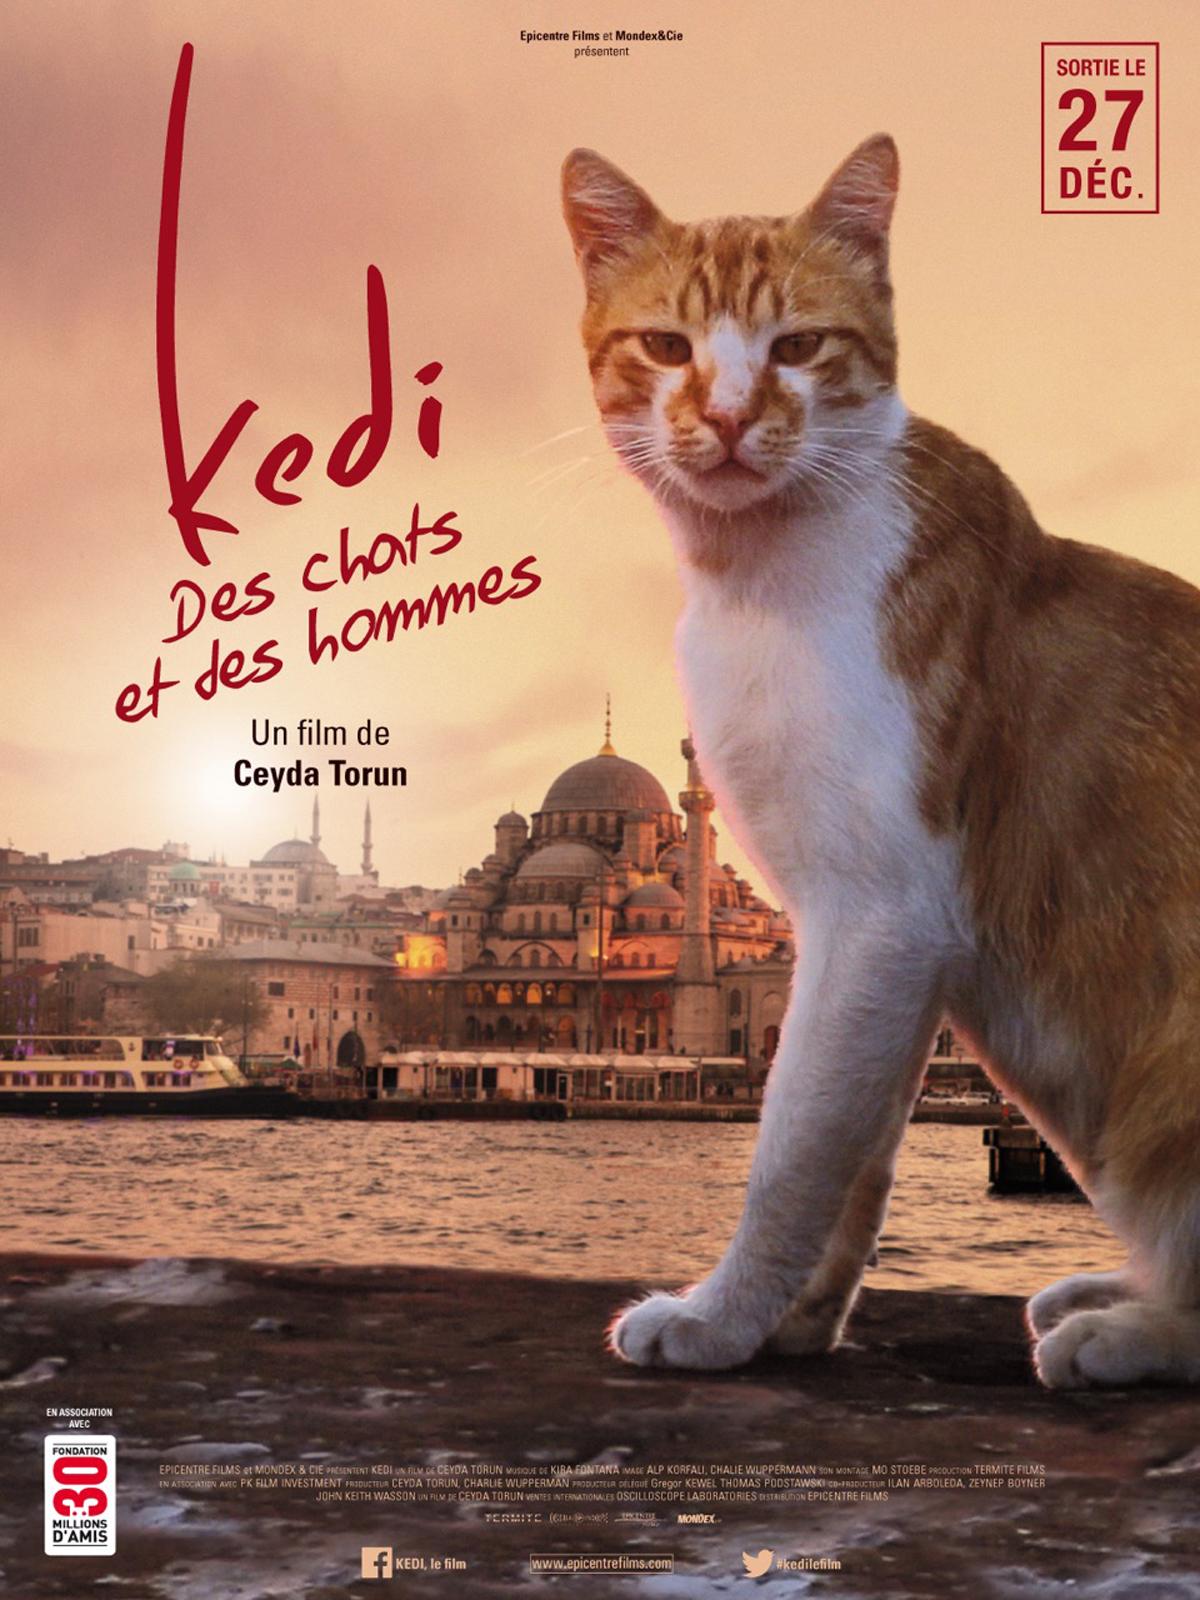 kedi des chats et des hommes film 2016 allocin. Black Bedroom Furniture Sets. Home Design Ideas